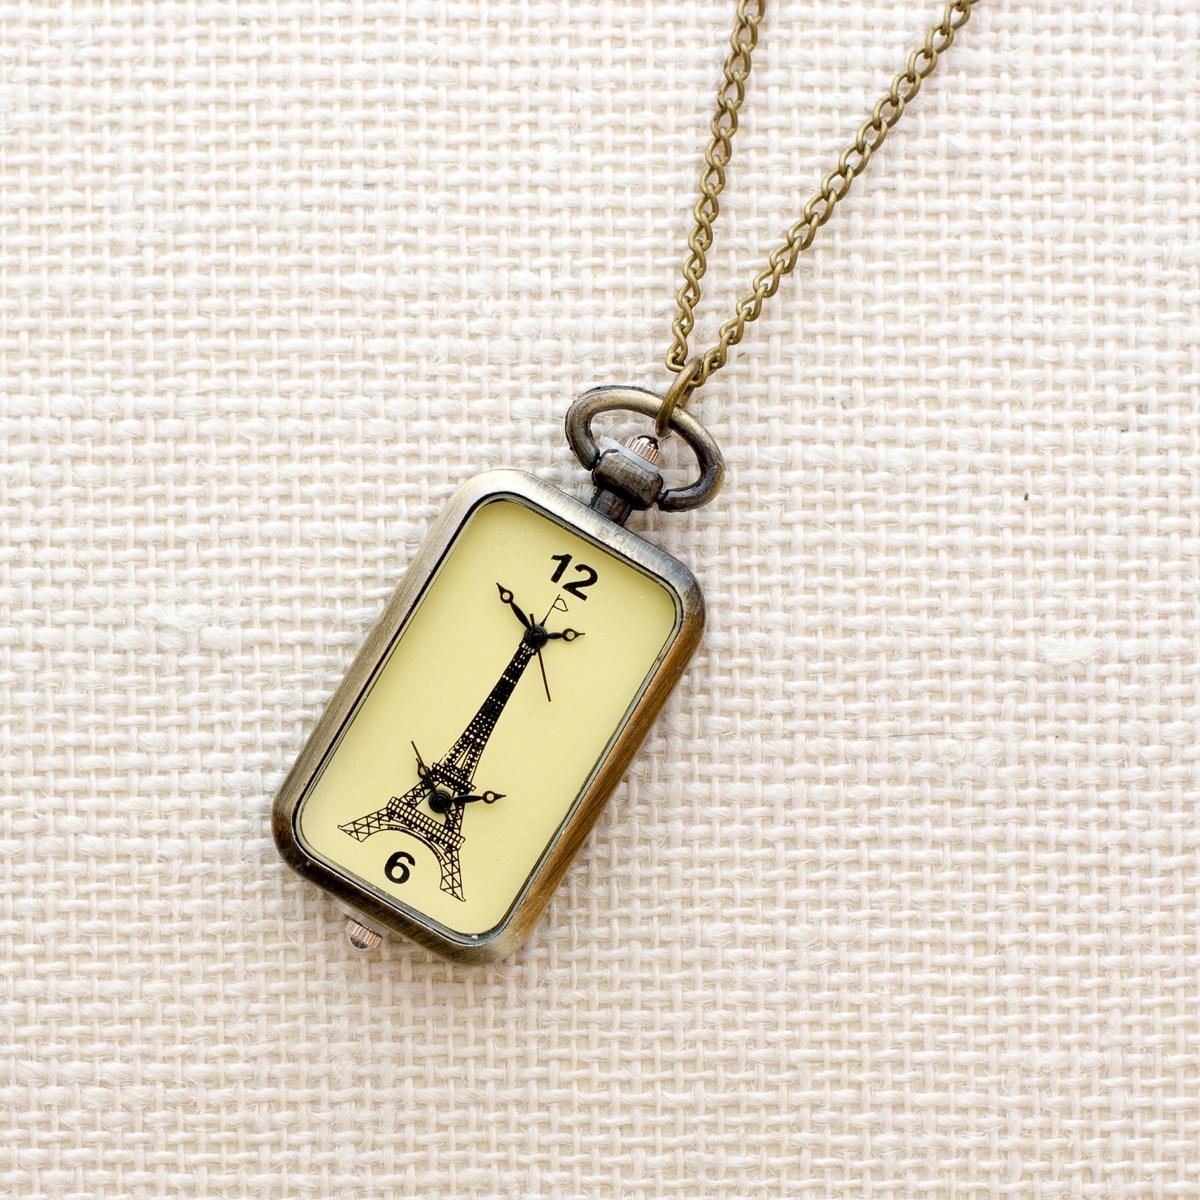 Карманные часы Mitya Veselkov ANTIK170, бронза полые бронзовый античный китайского зодиака тигр чувствительных ожерелье кулон карманные часы